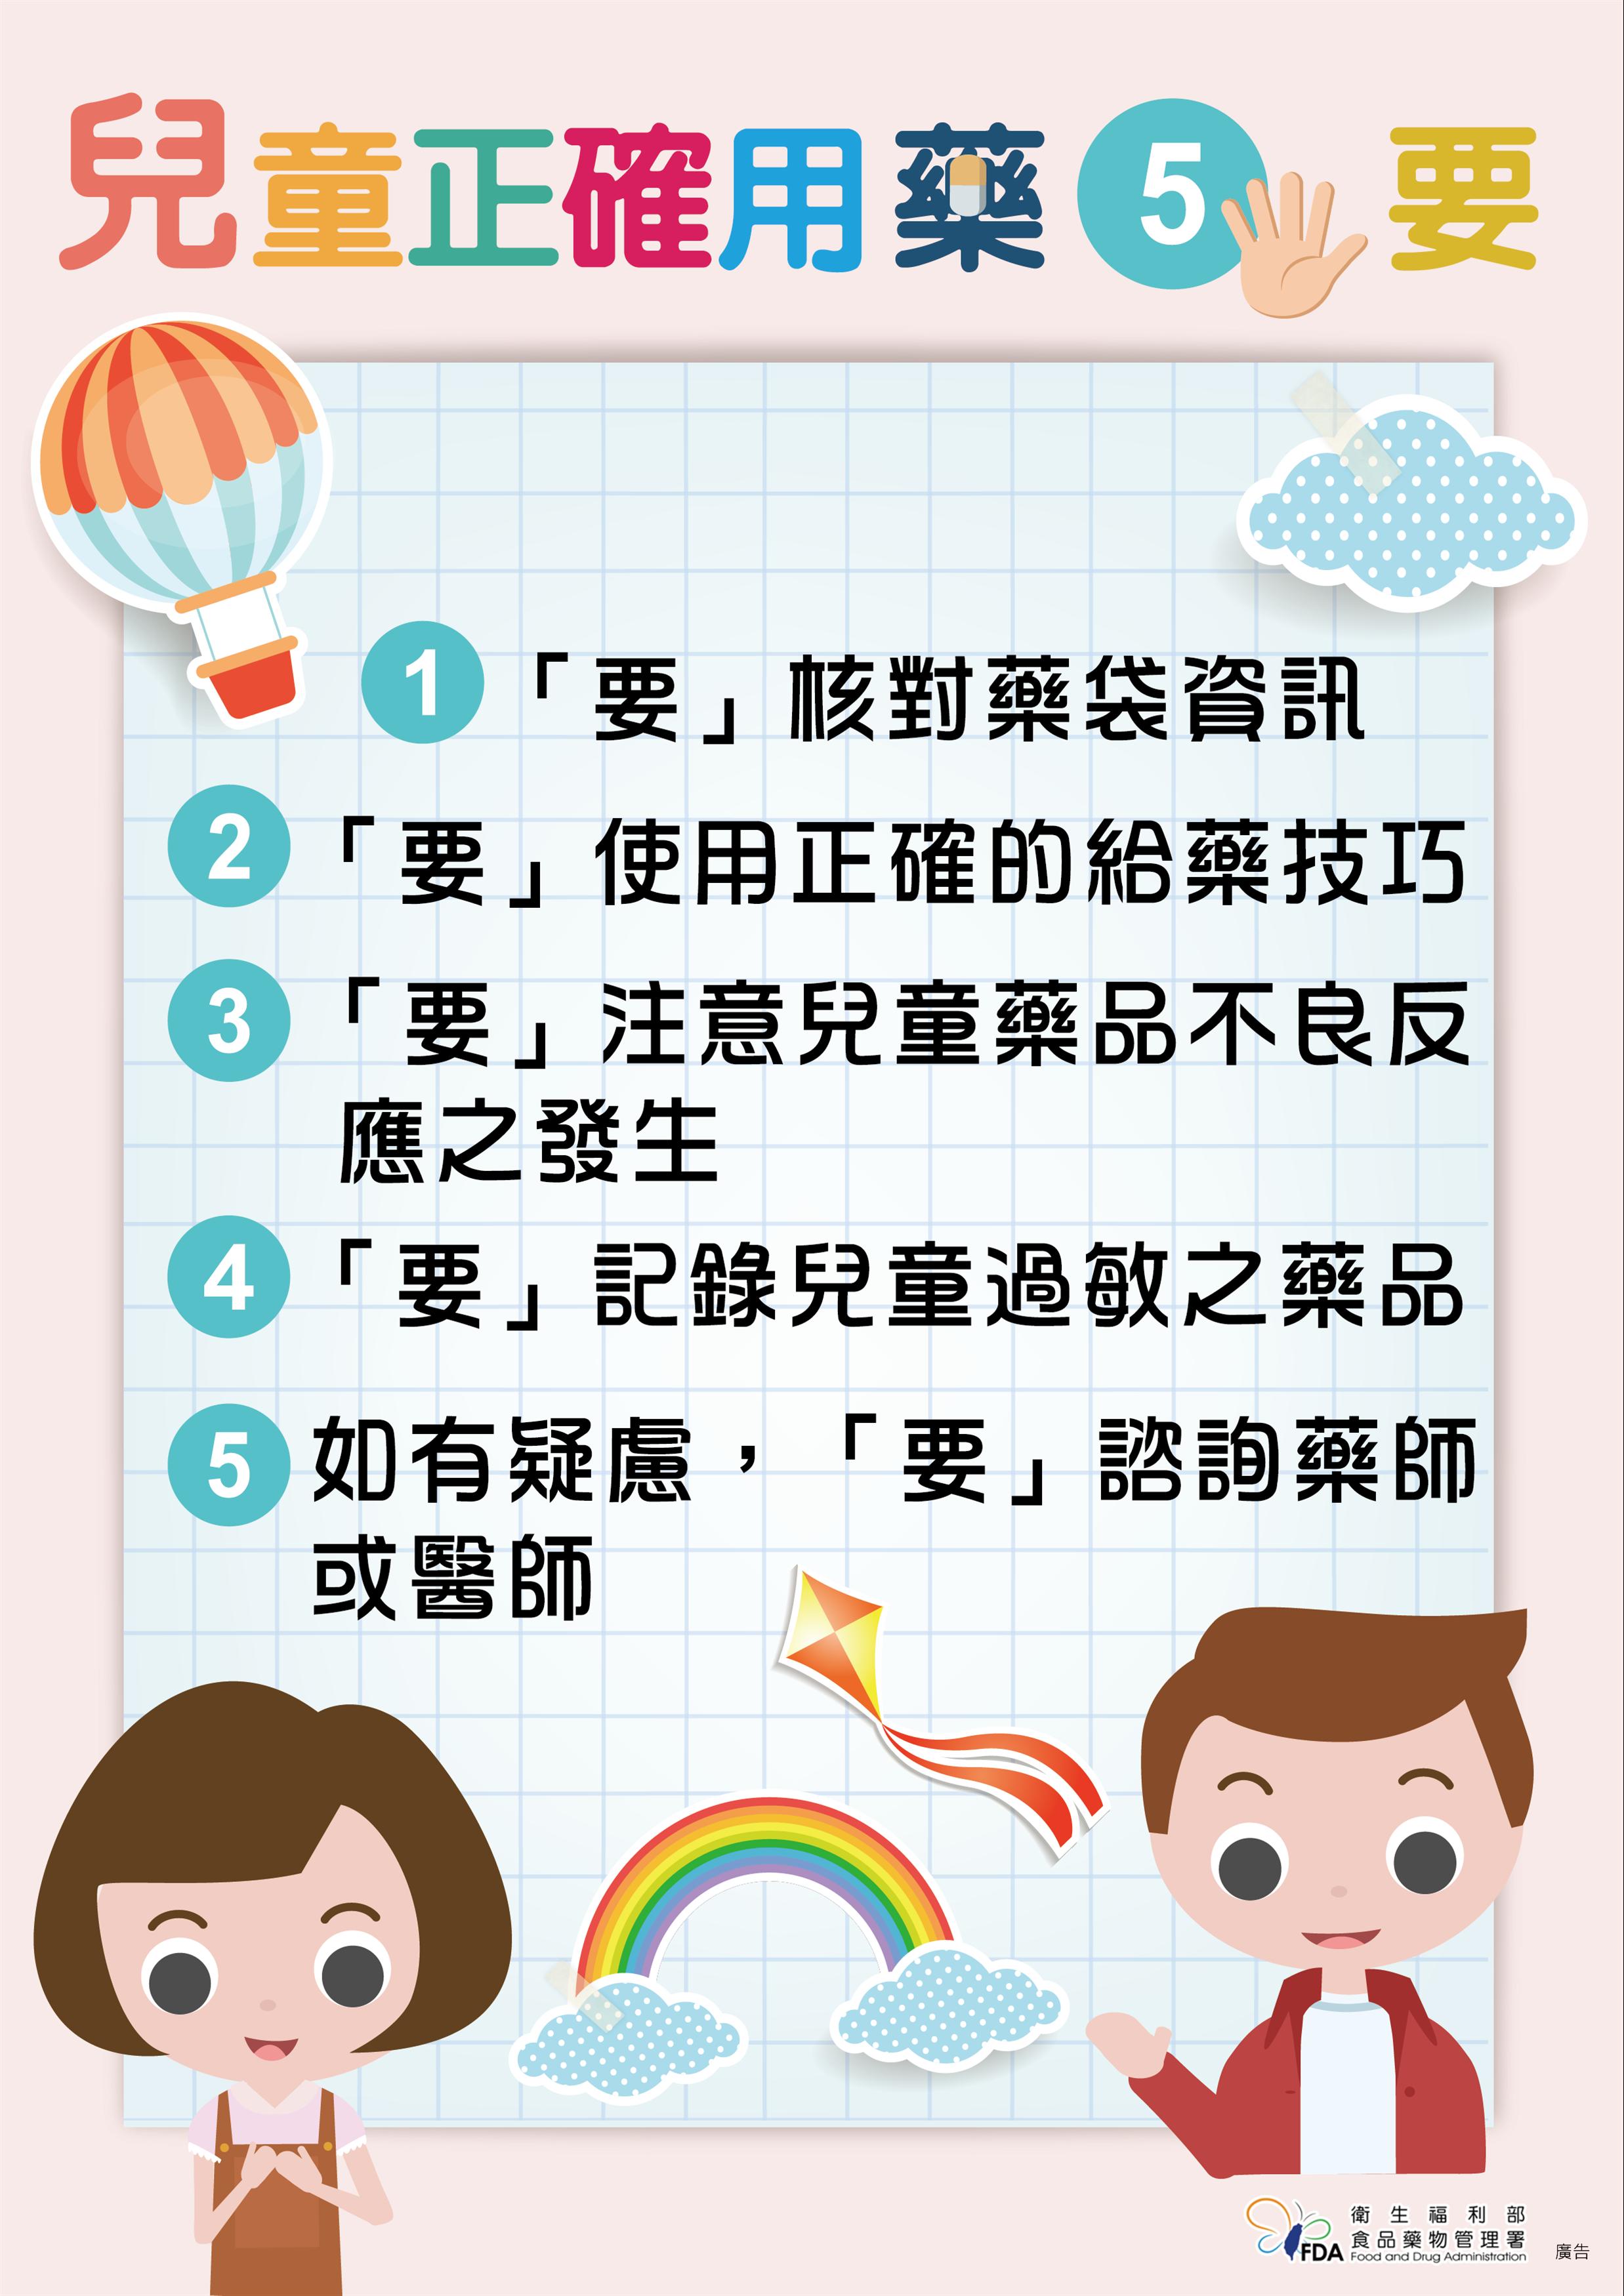 兒童正確用藥五要(圖片)